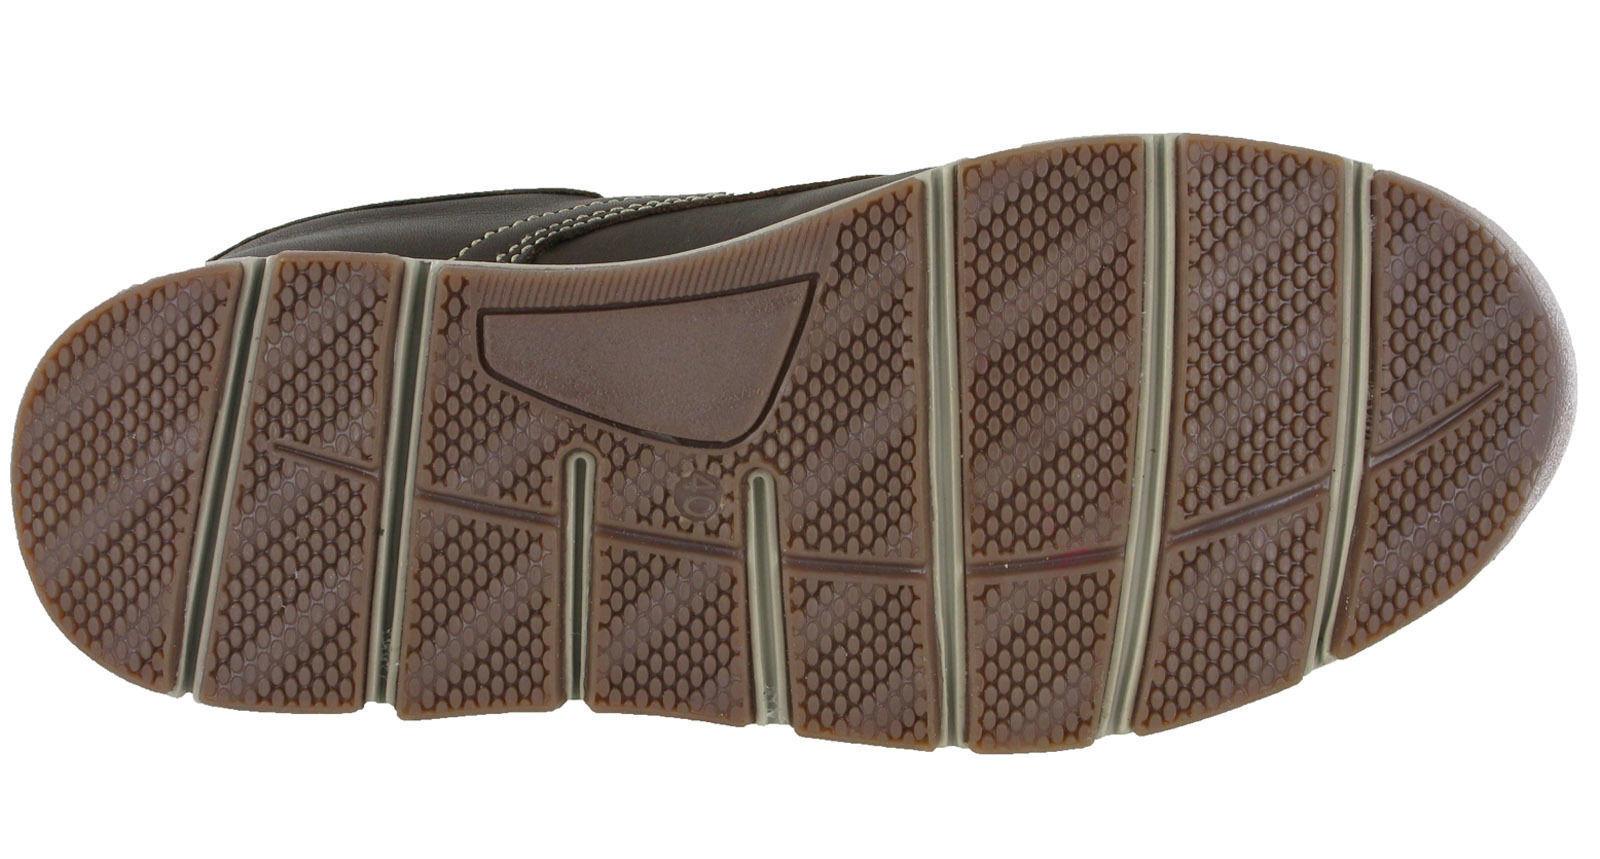 Roamers piel MOCASIN Zapatos Náuticos CIERRE ADHESIVO forro de piel Roamers Ligero HOMBRE b64131